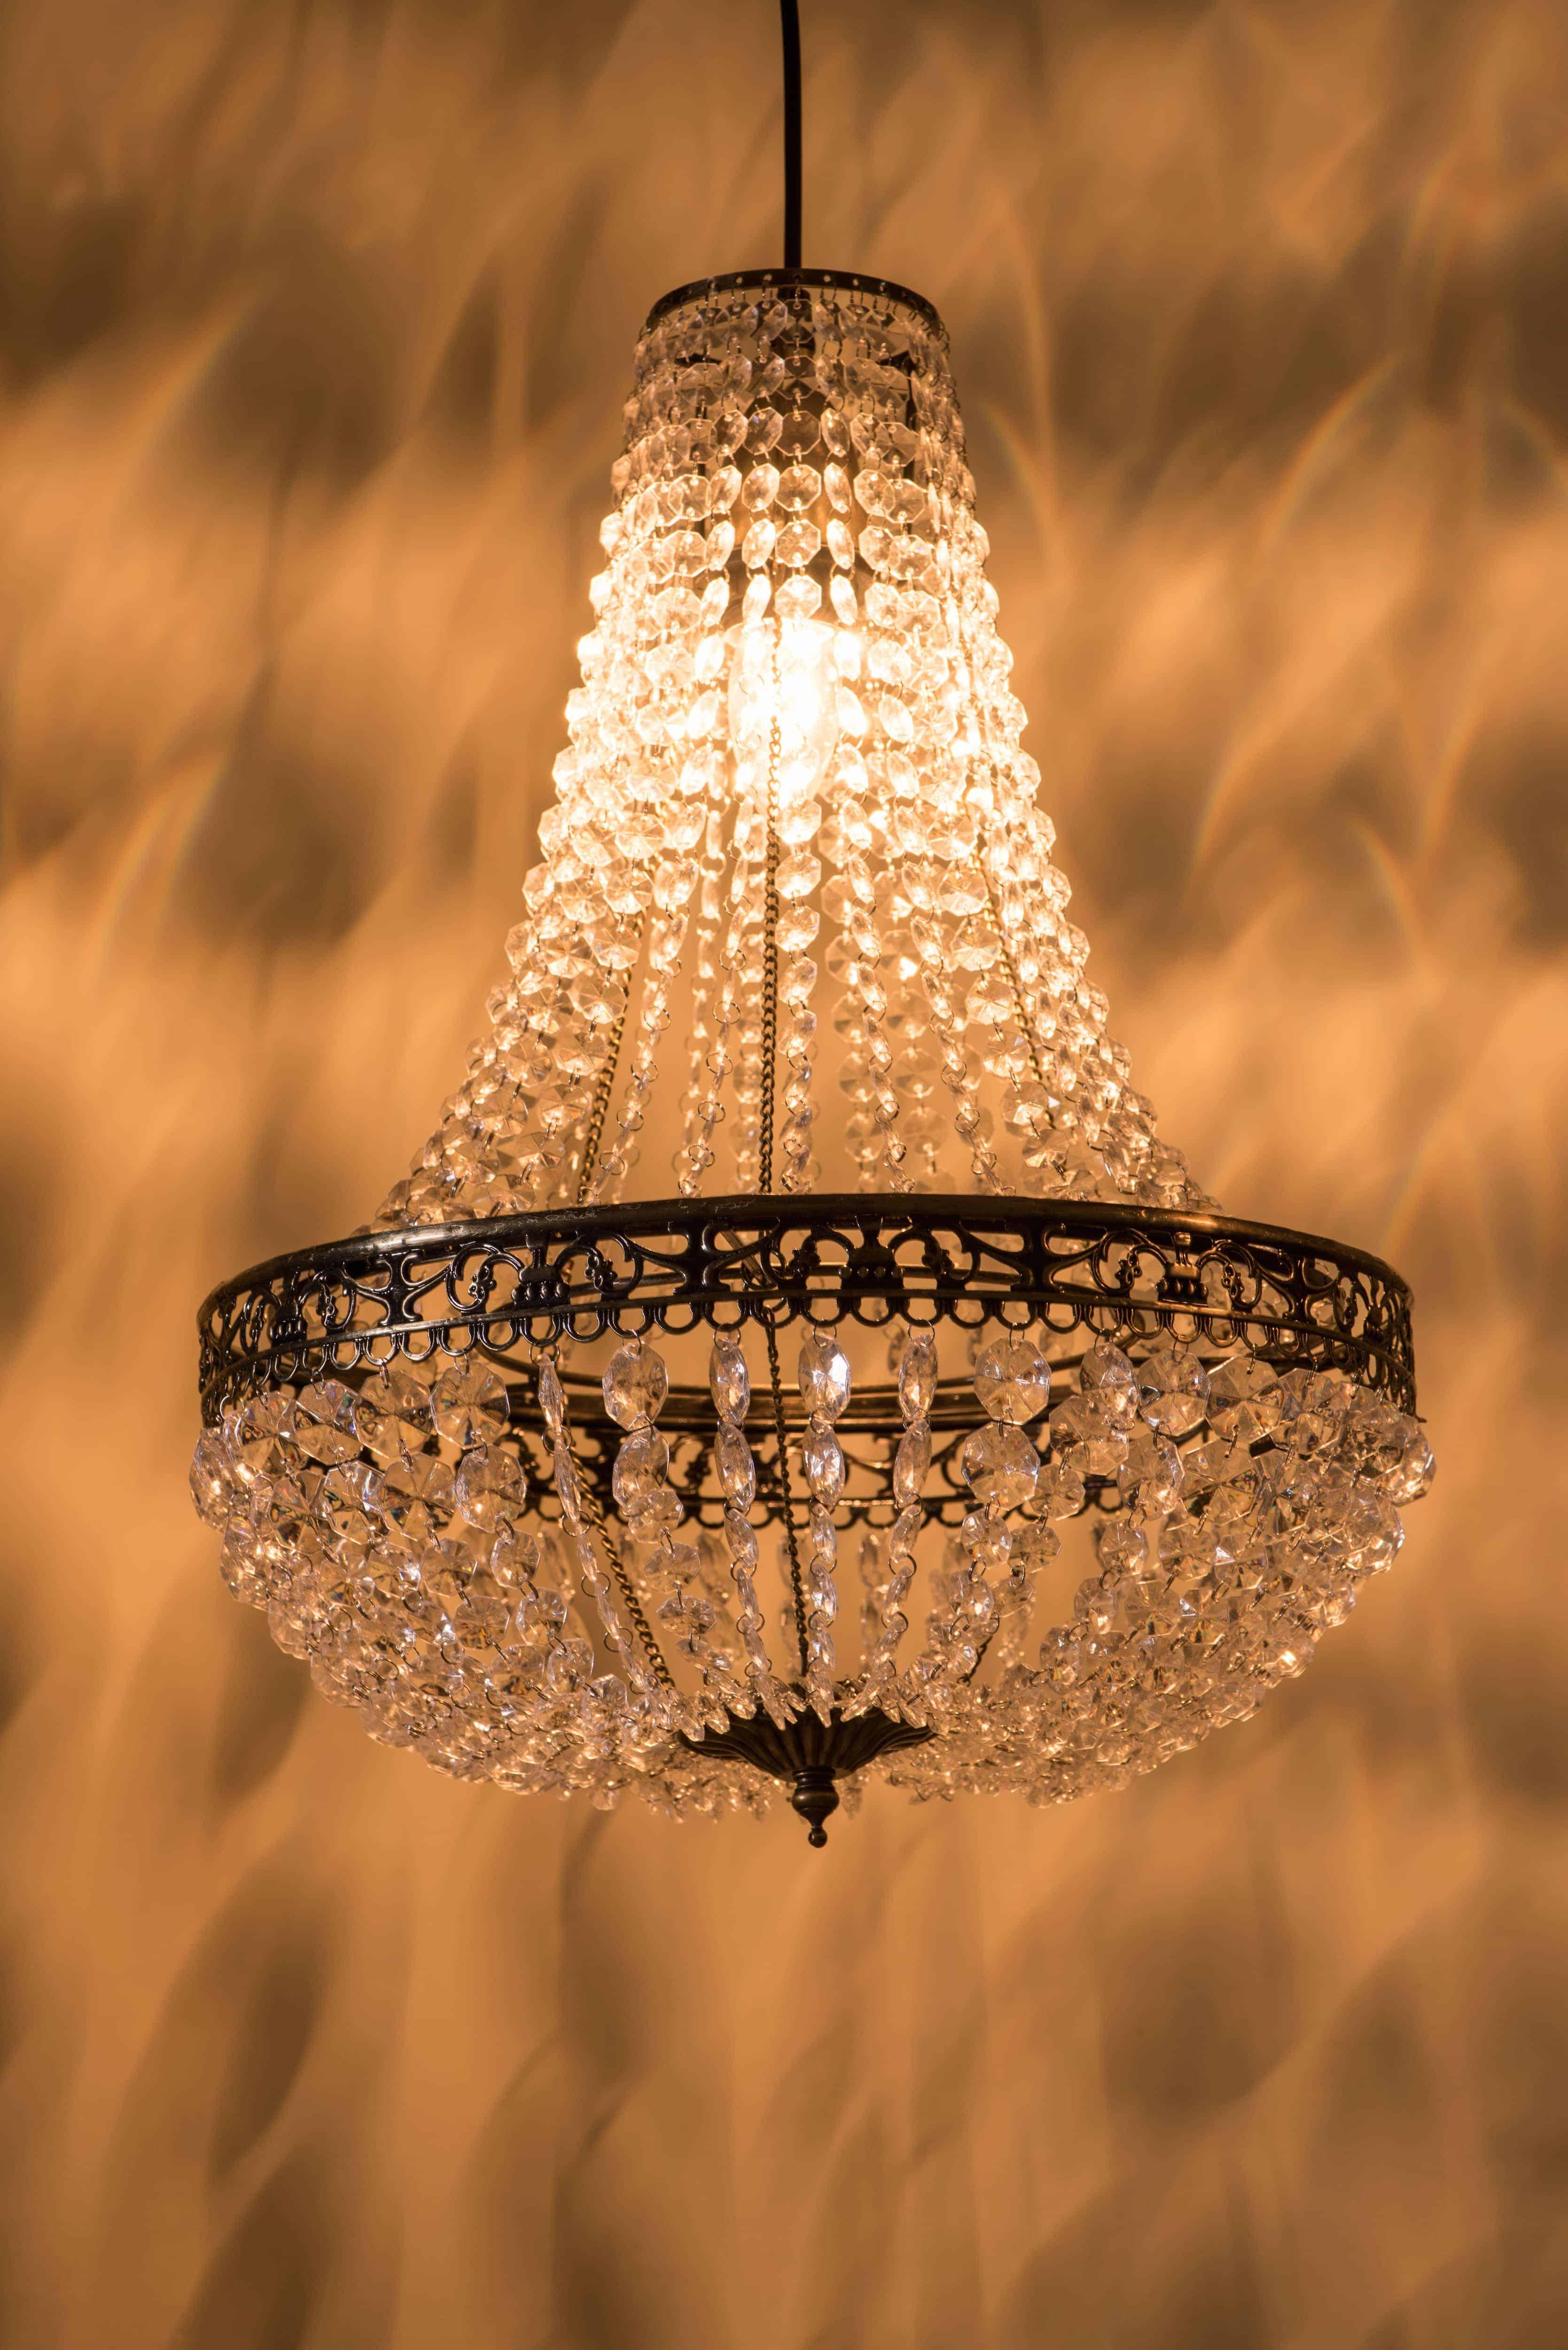 古銅華麗透明壓克力珠吊燈-BNL00050 4